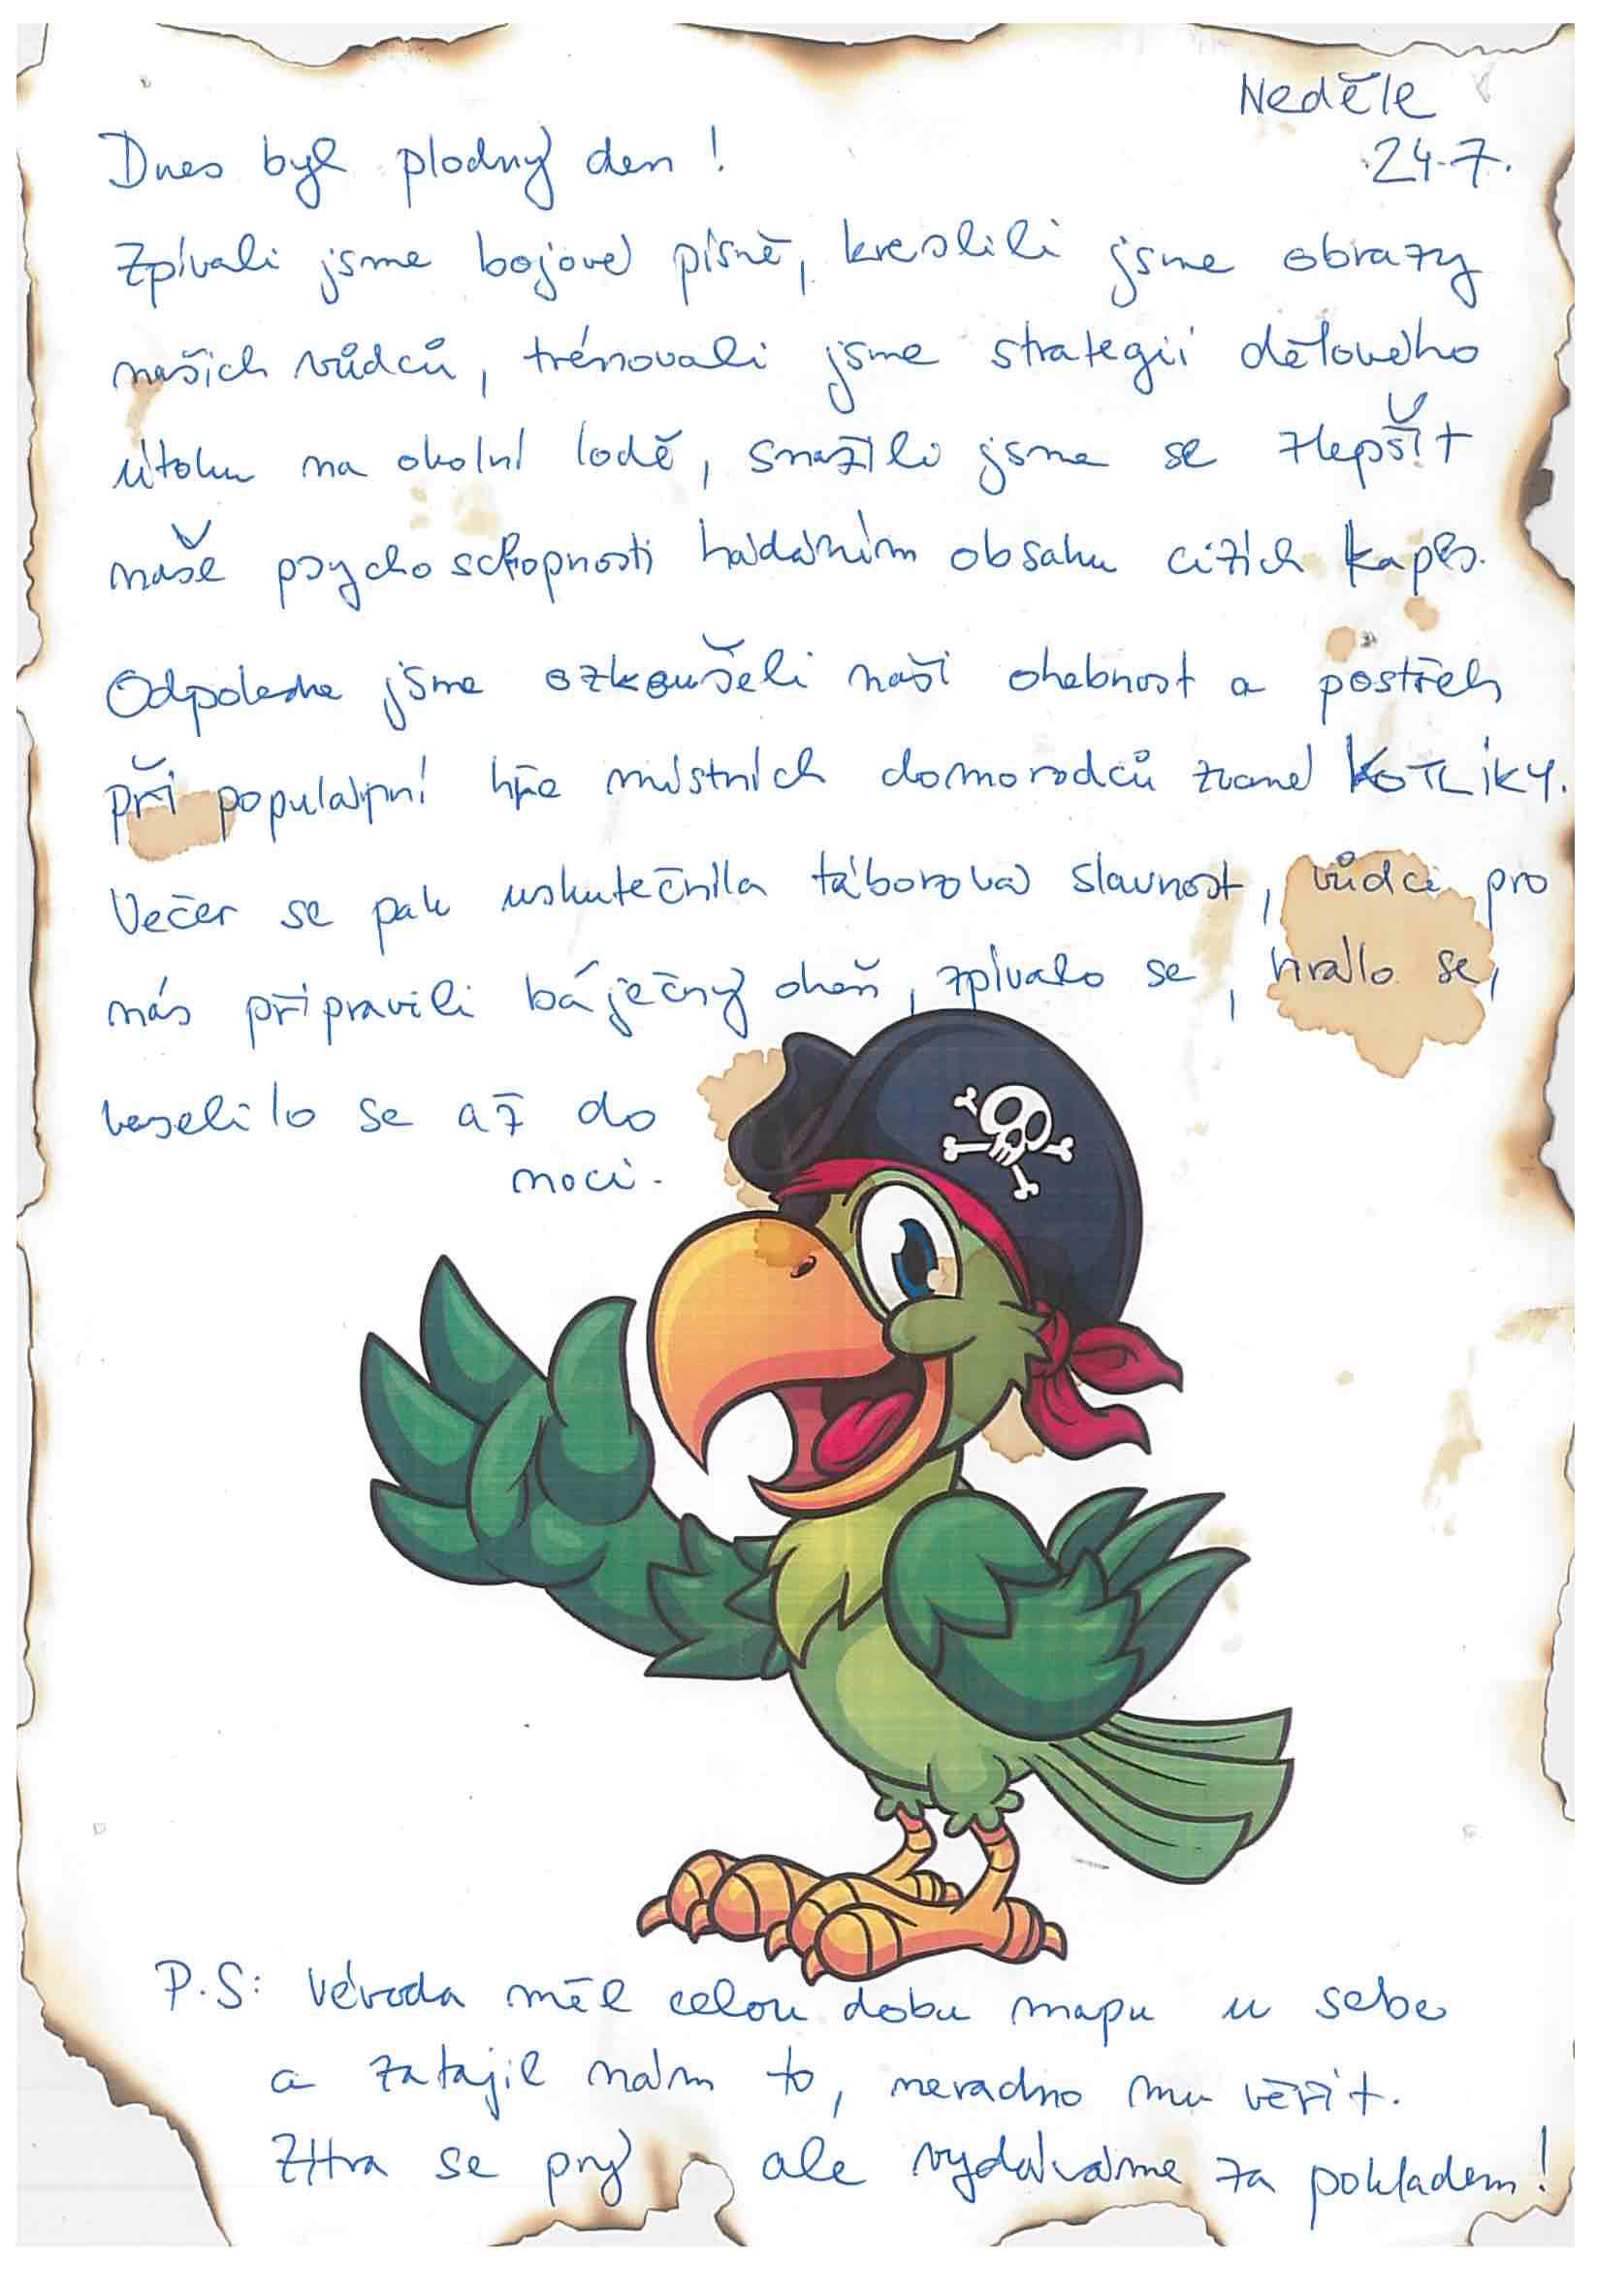 24.7.2016 Vzpomínka na tábor 2016 - Piráti